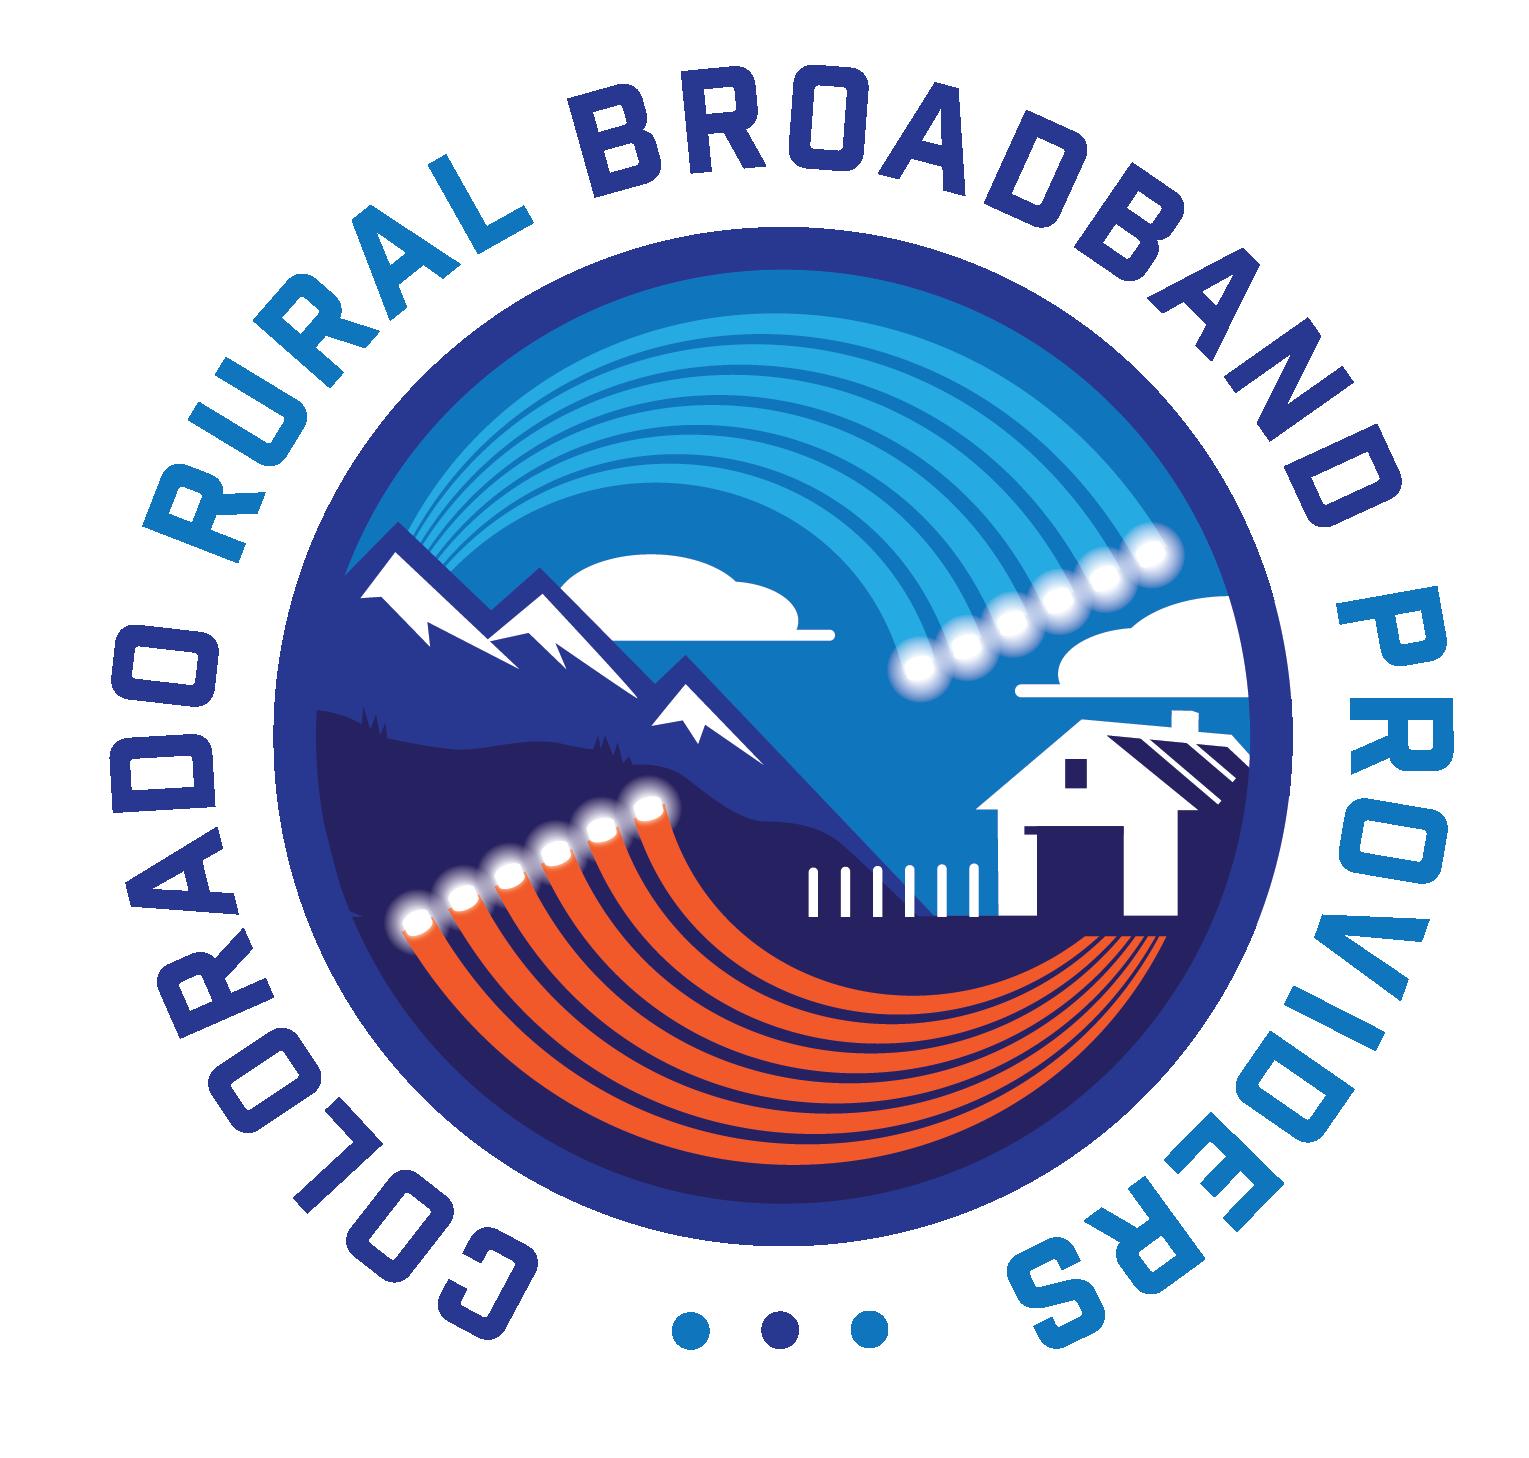 CoRuralBroadNet_Logo.png